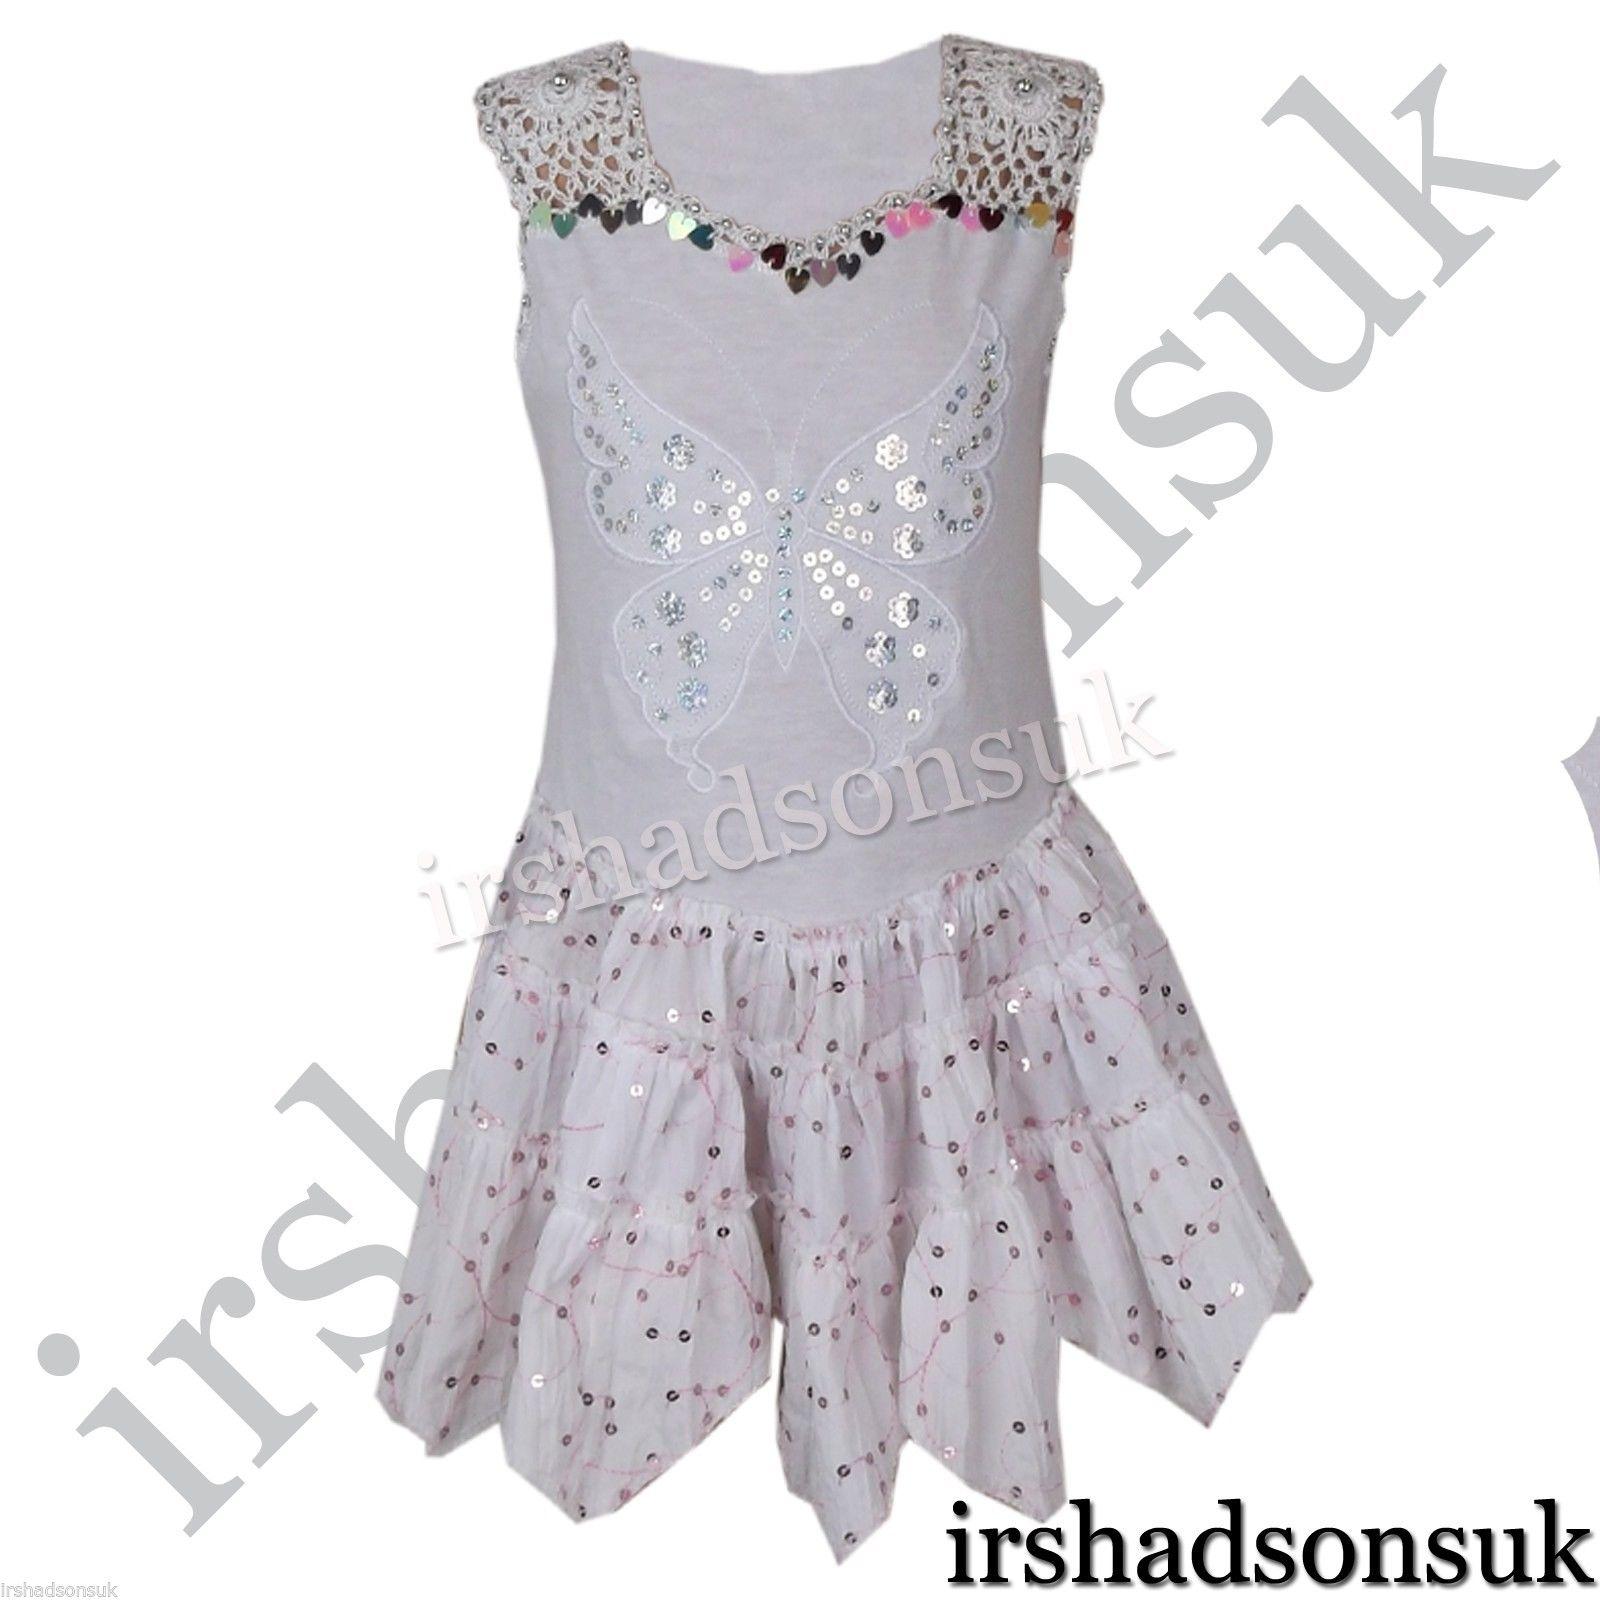 Particular New Kids Girls Summer Dresses Sequinned Butterfly Handkerchief Dress 6t Girls Summer Dresses Girls Summer Dresses Mid Length Justice wedding dress Girls Summer Dresses